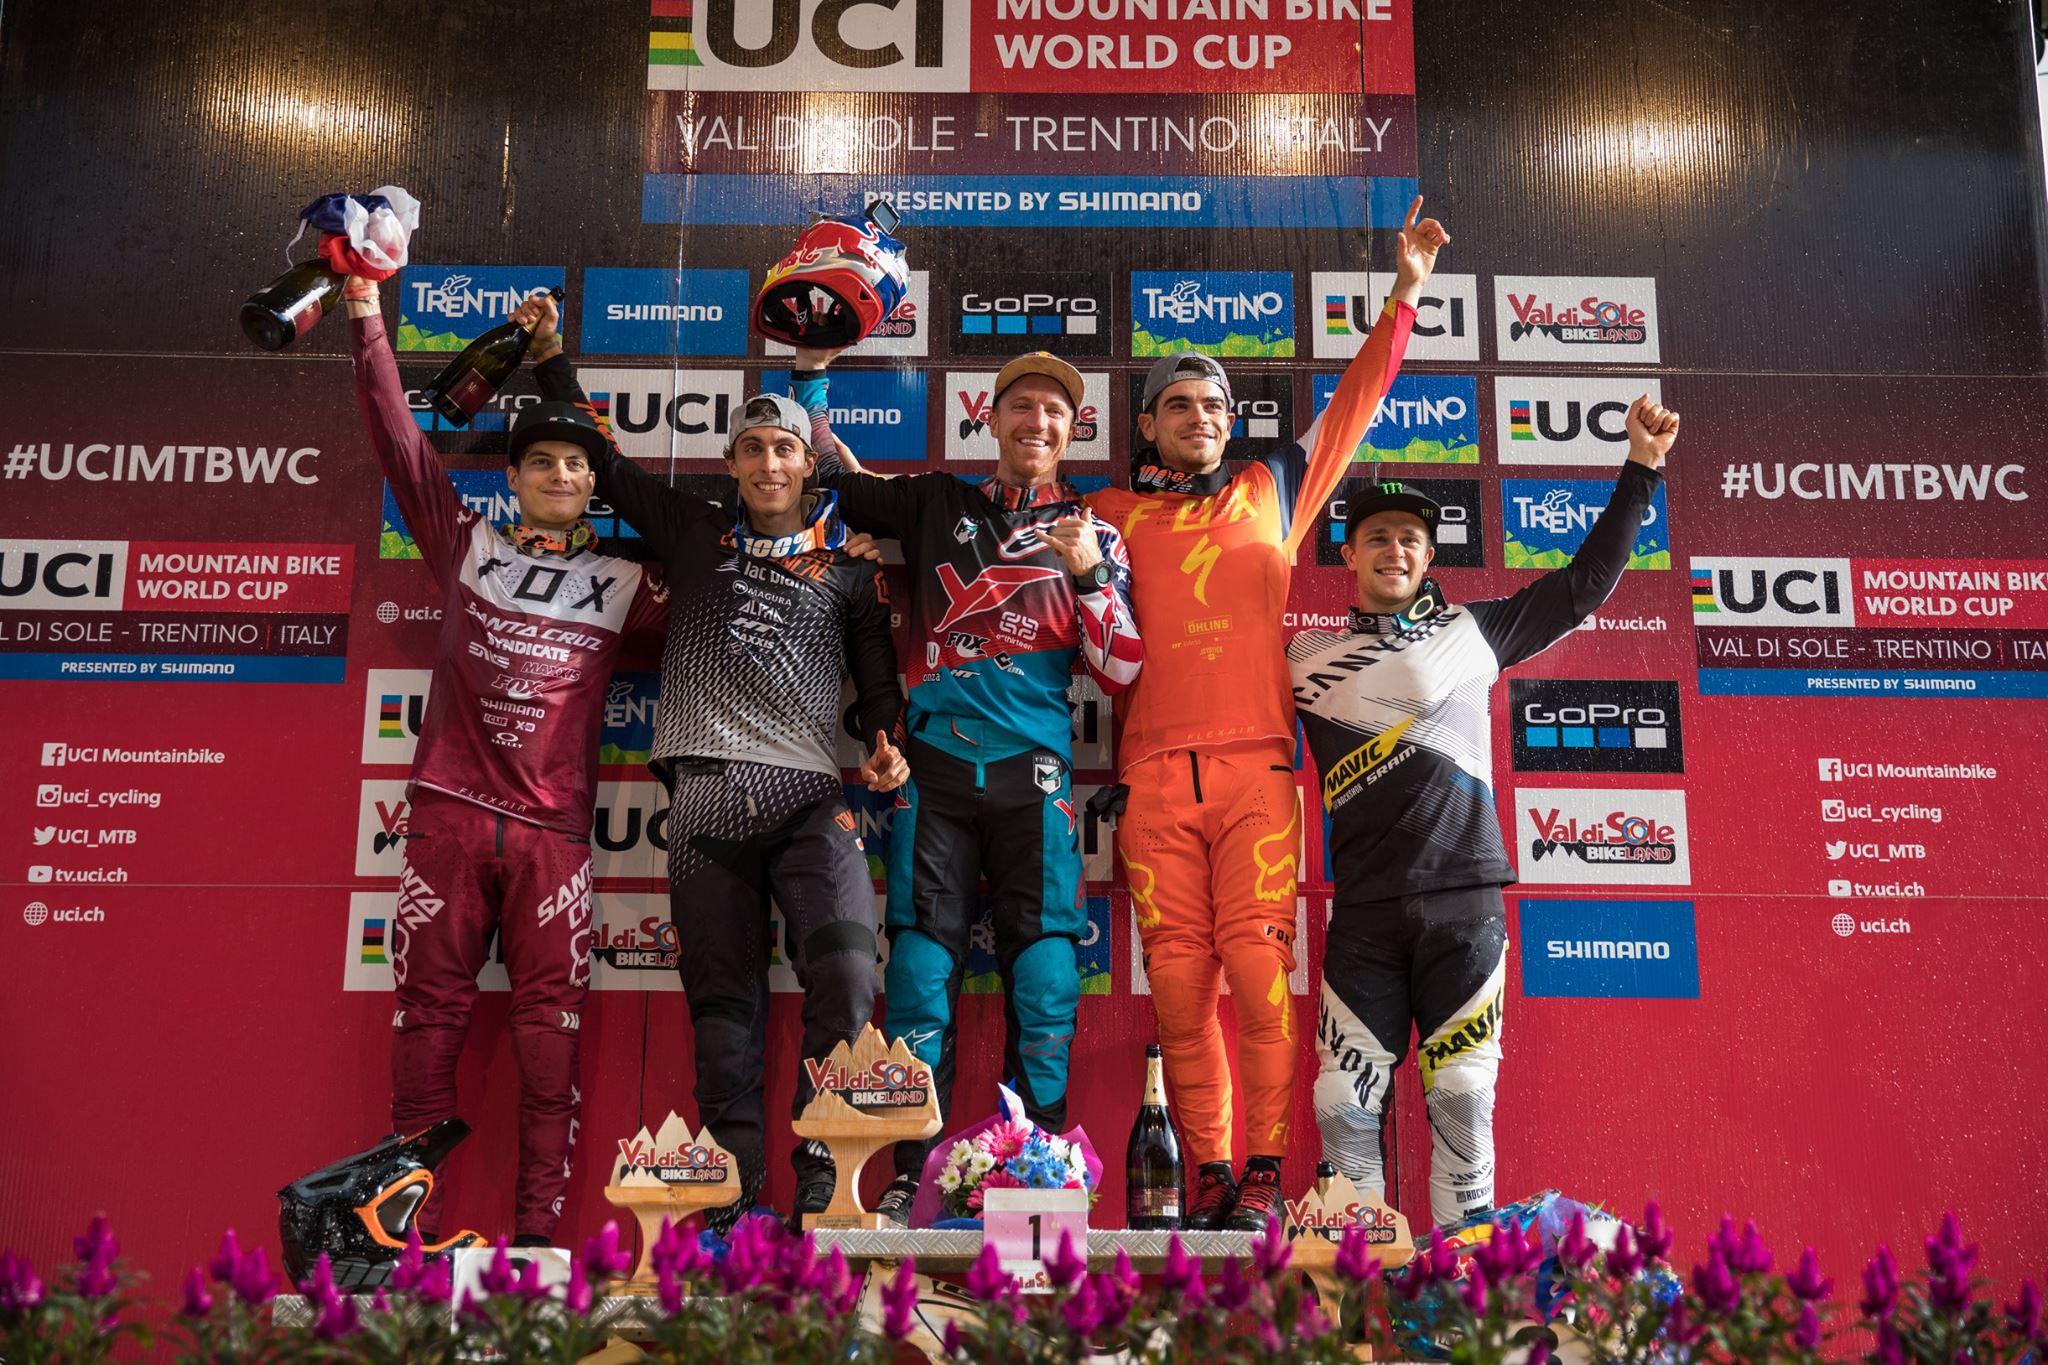 world cup val di sole 2017_podium_photo Cerveny-UCI